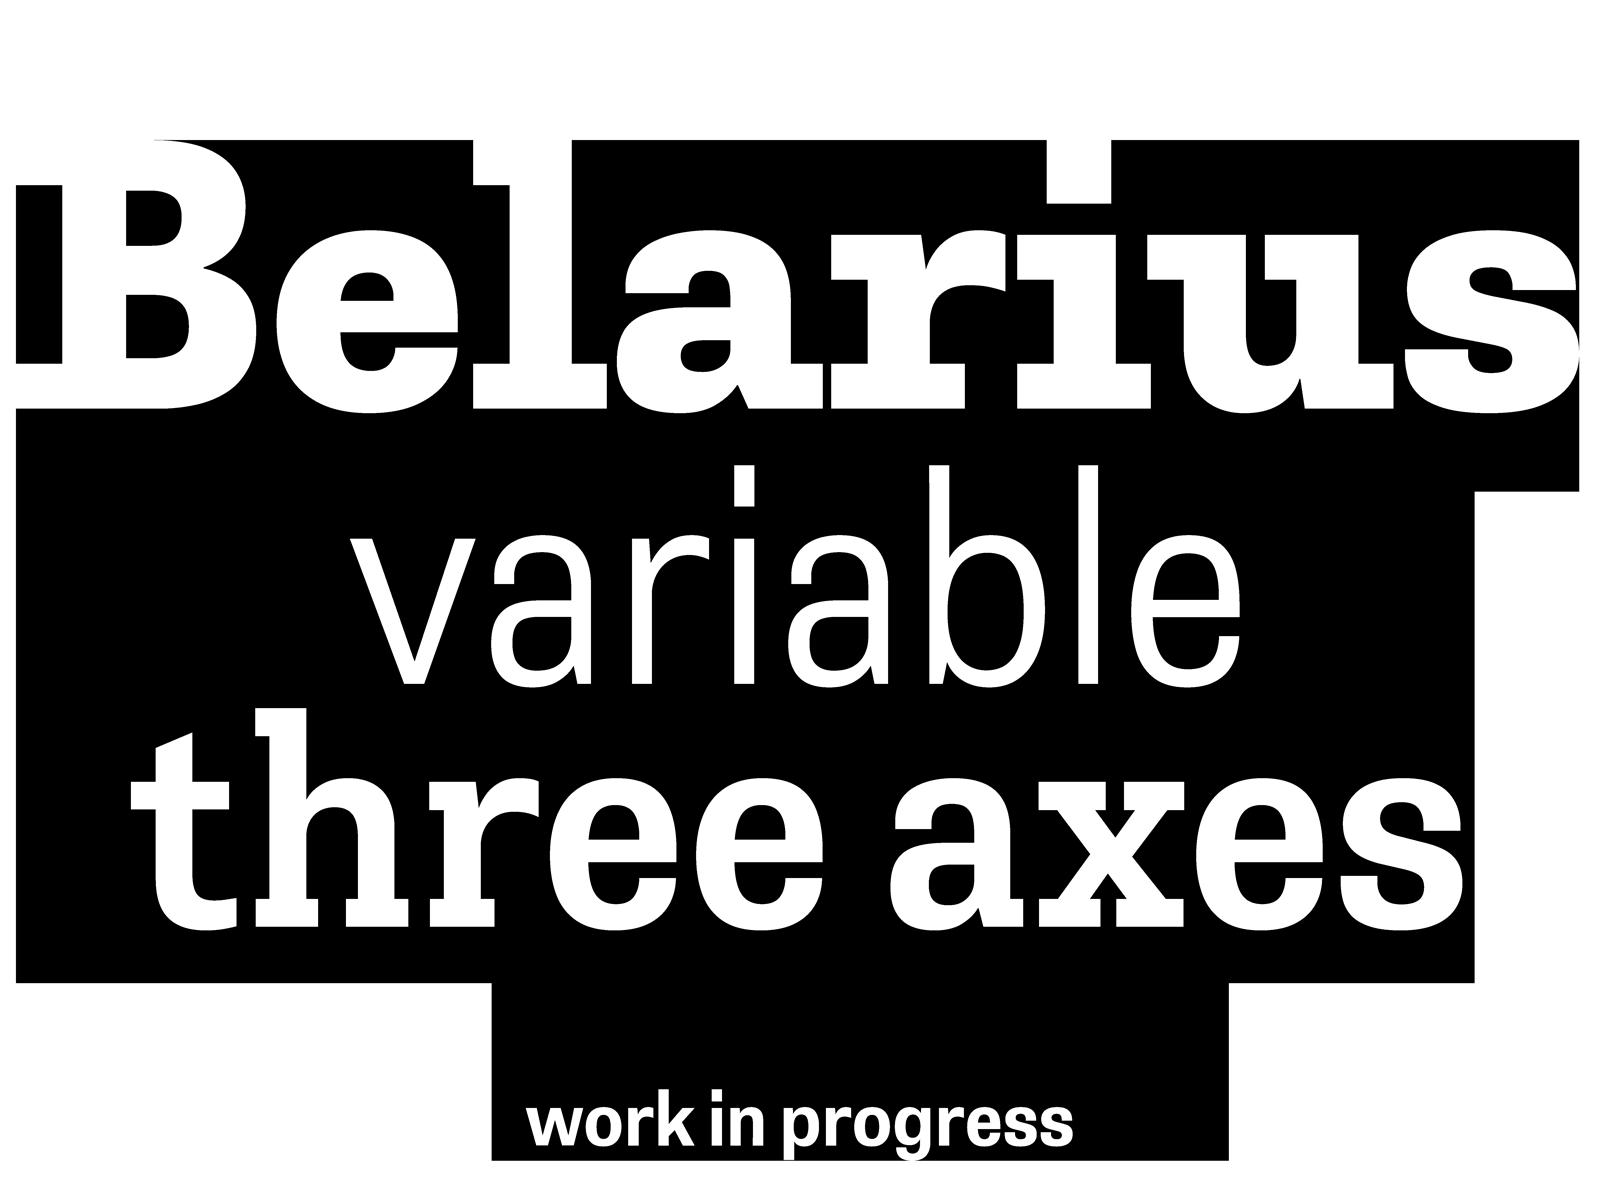 Work in progress: Belarius